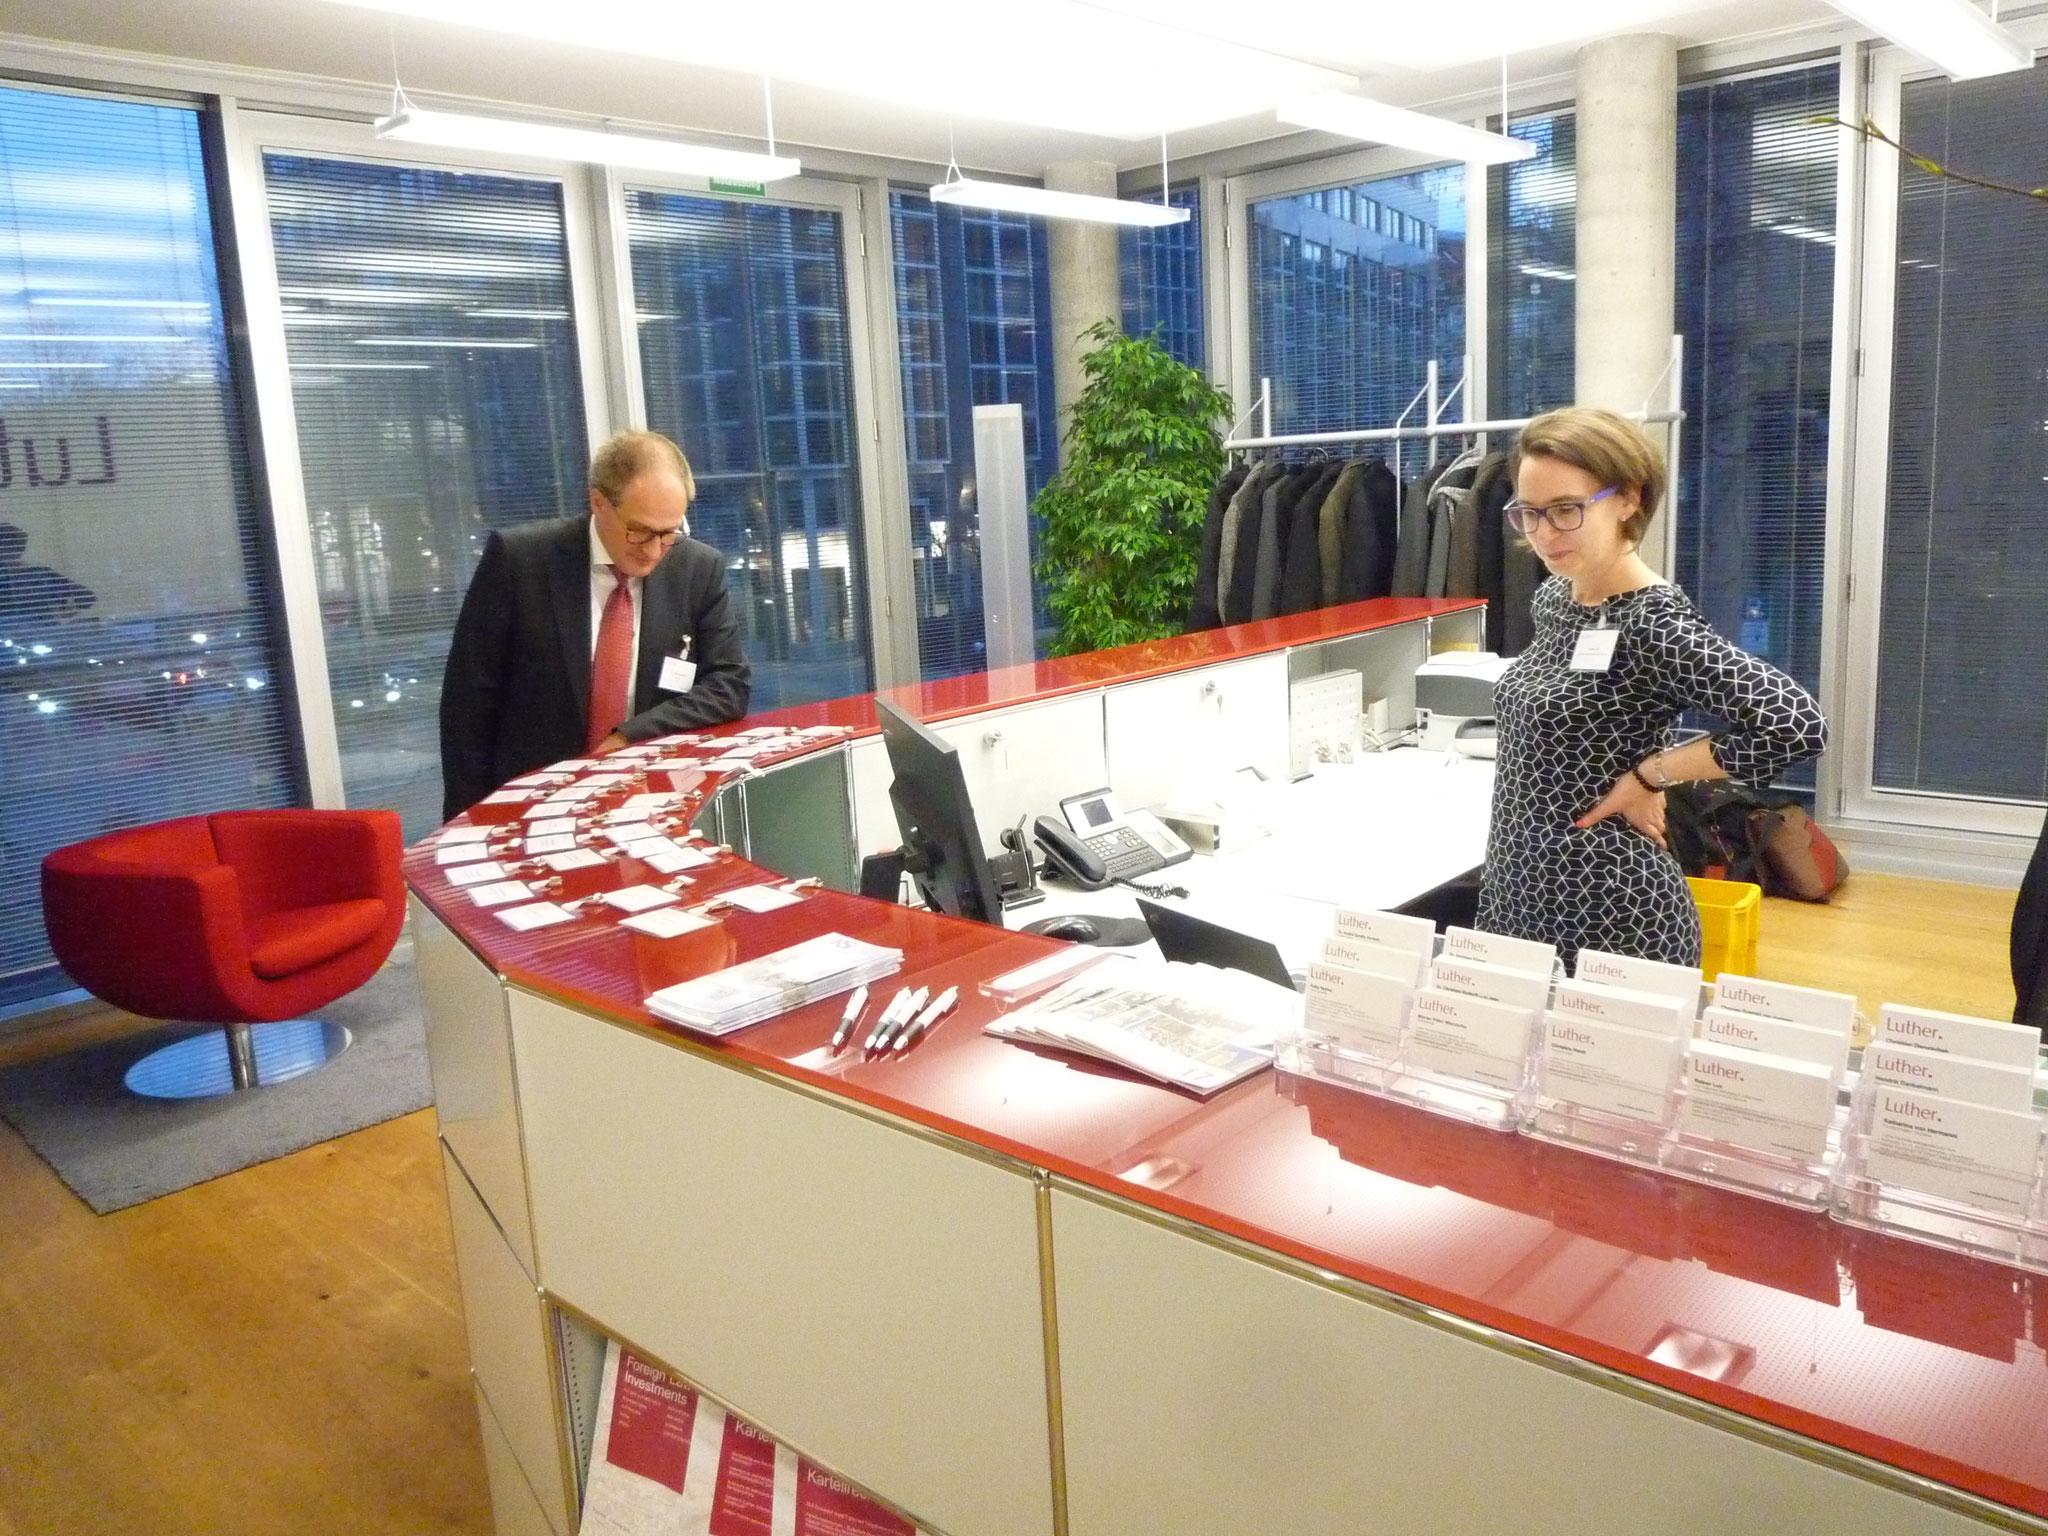 Unser Vorstandsvorsitzender Dr. Andreas Kloyer mit Kollegin kurz vor Beginn der Veranstaltung.